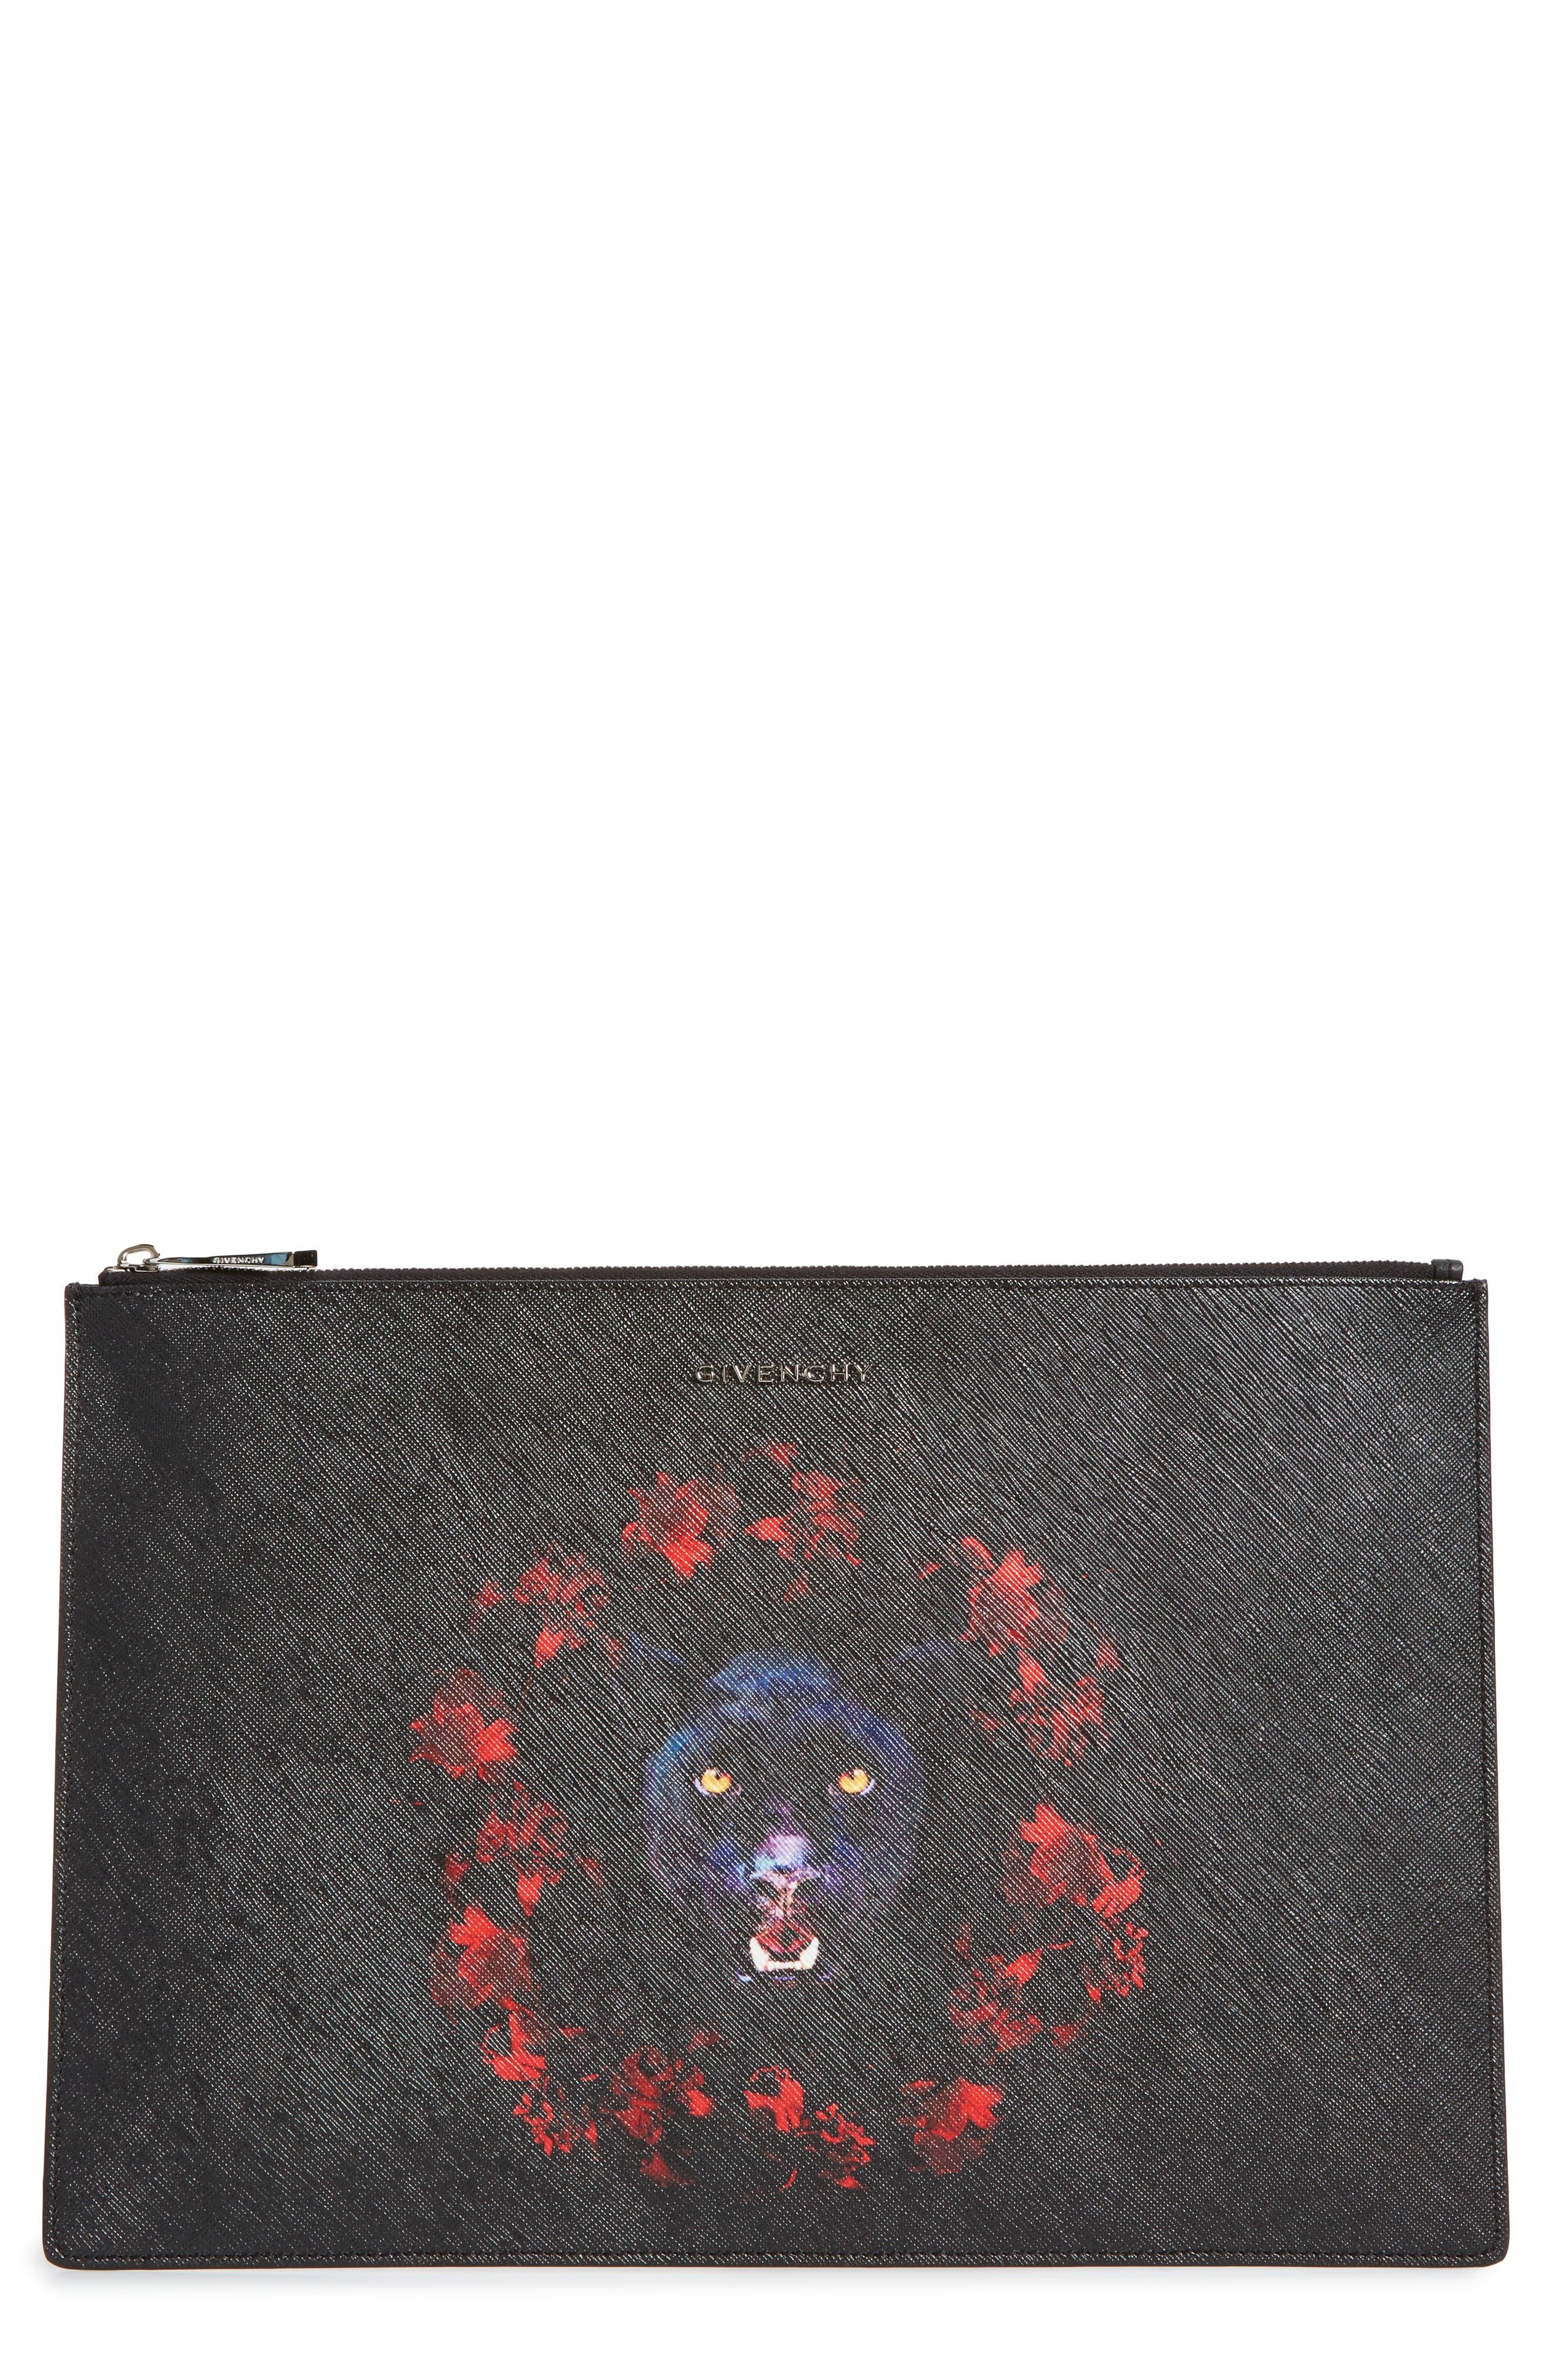 Main Image - Givenchy Jaguar Zip Pouch